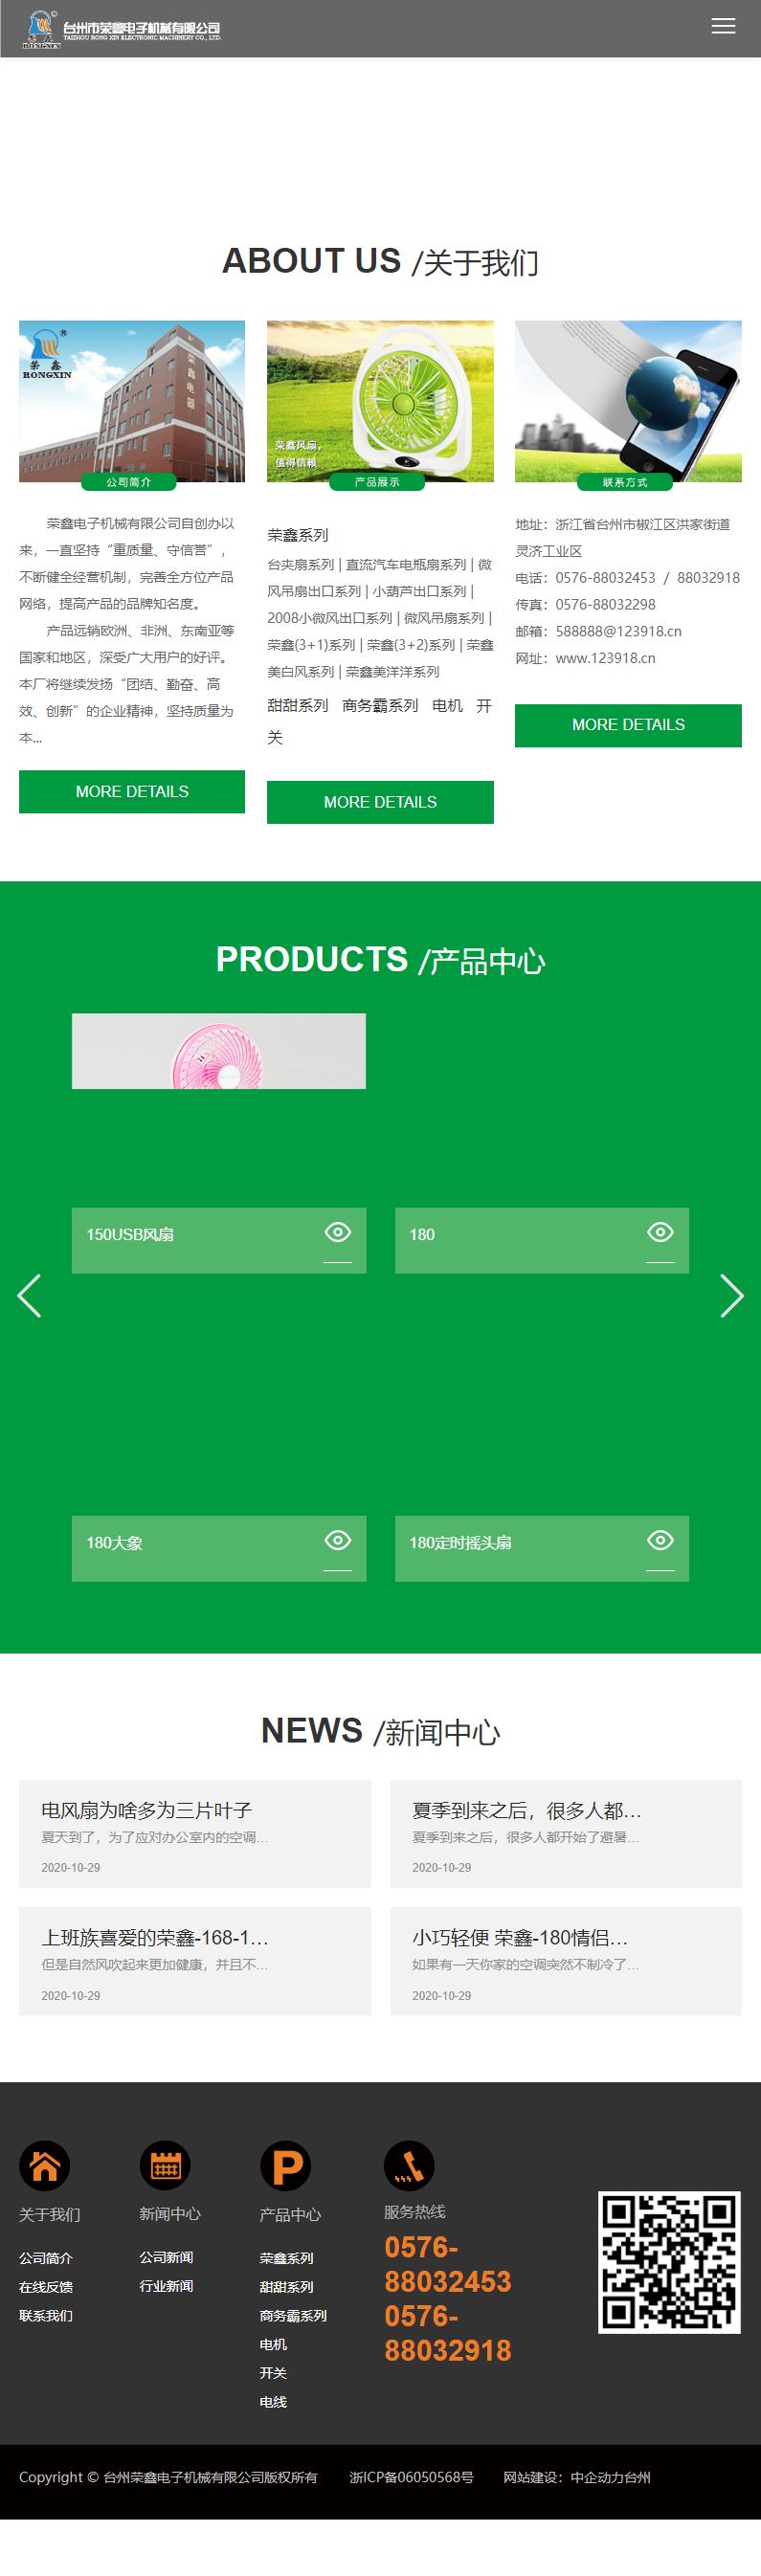 台州市荣鑫电子机械有限公司网站案例